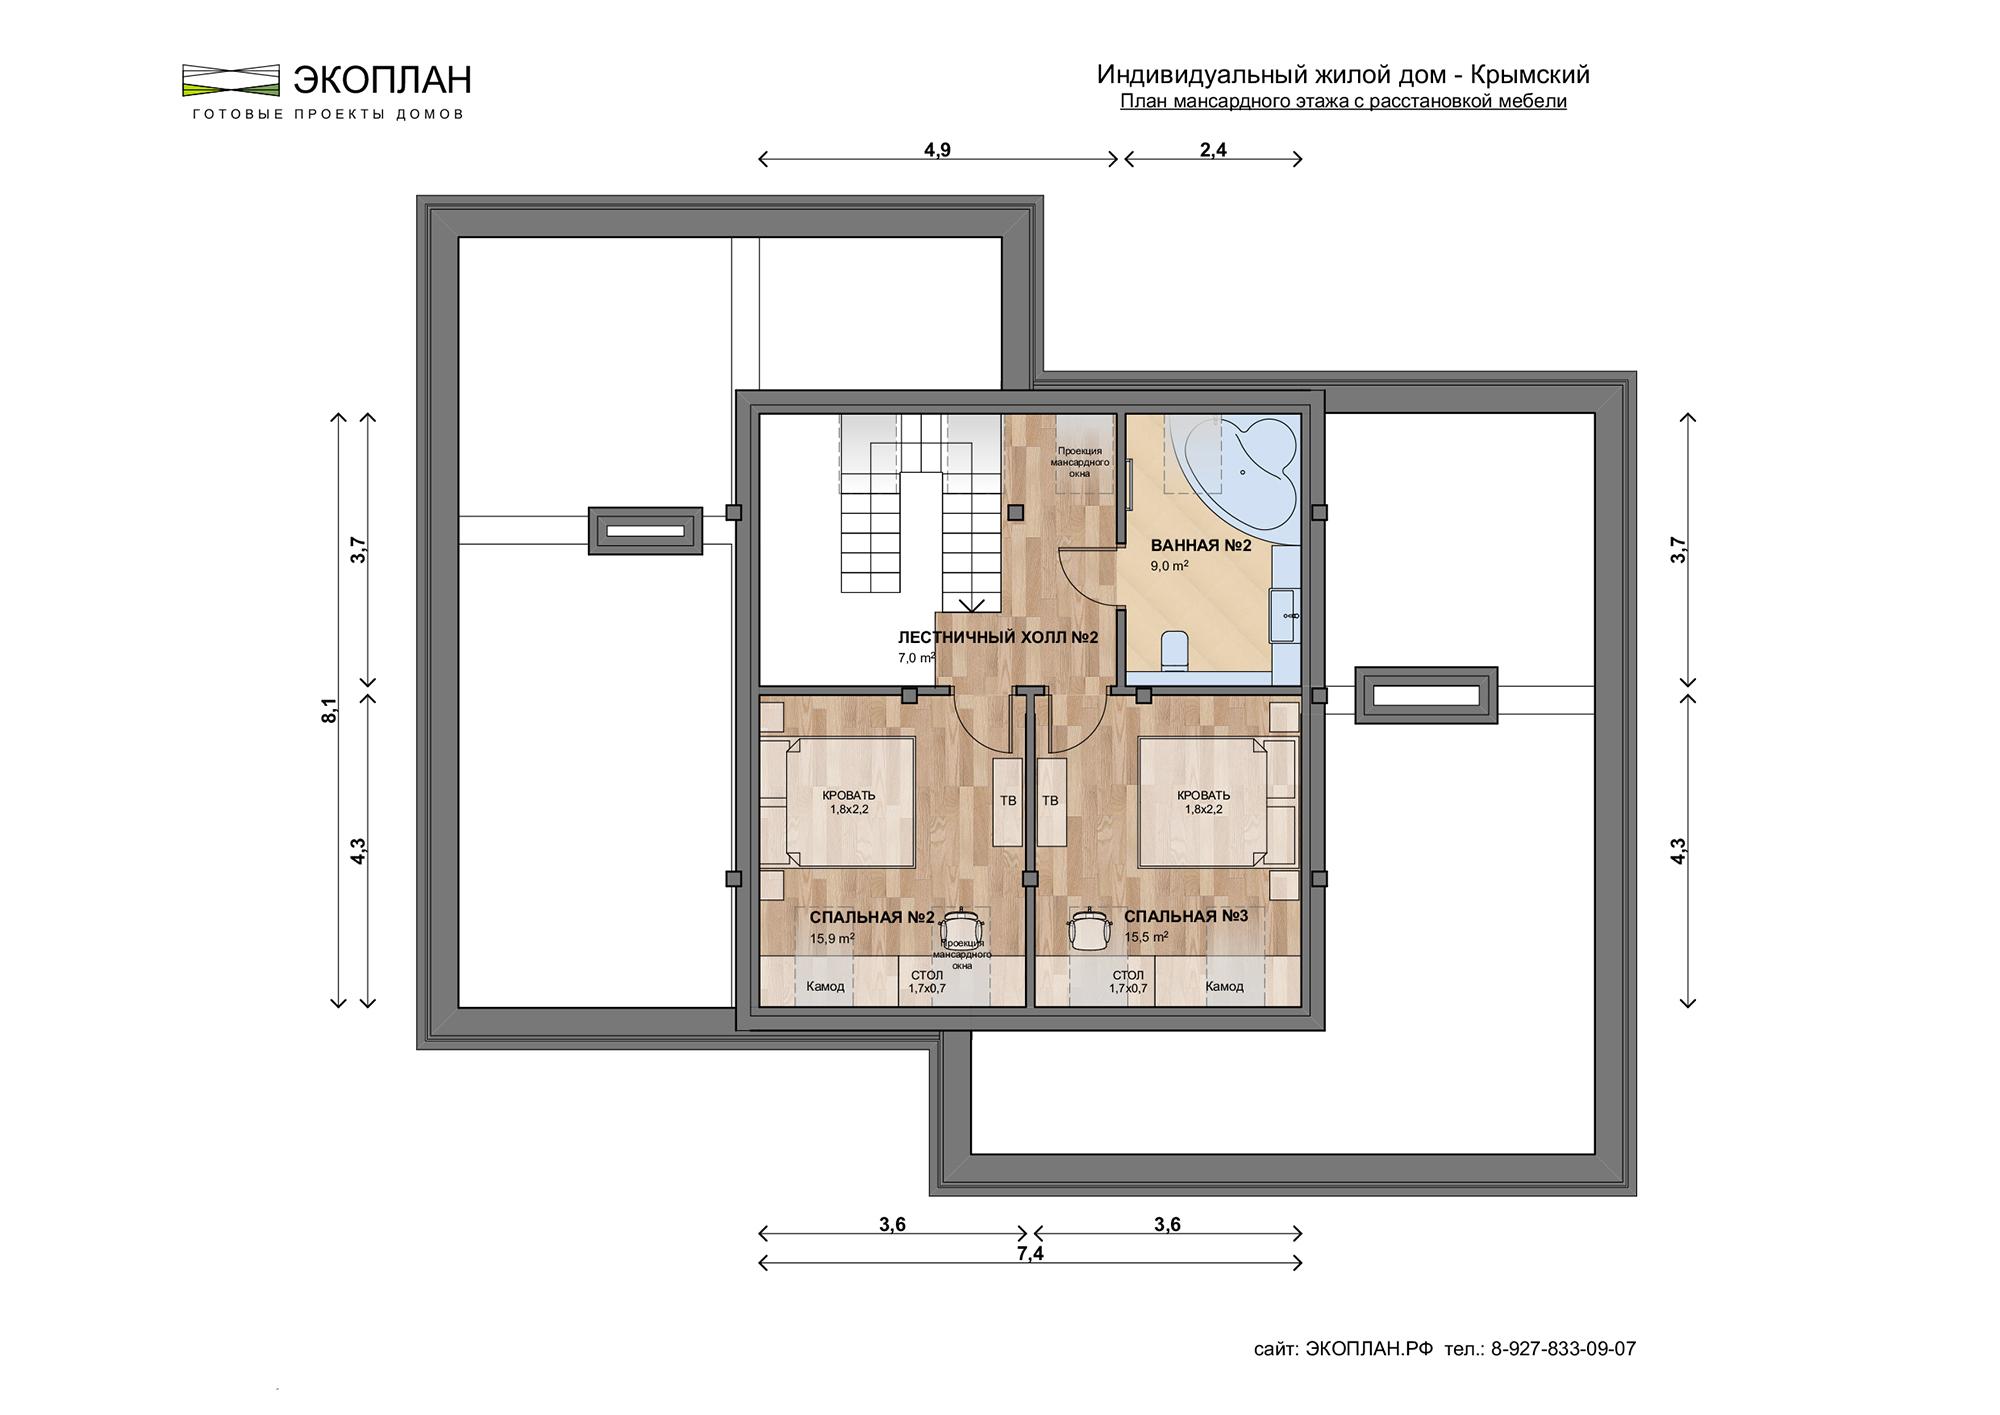 Готовый проект дома - Крымский - Ульяновск план